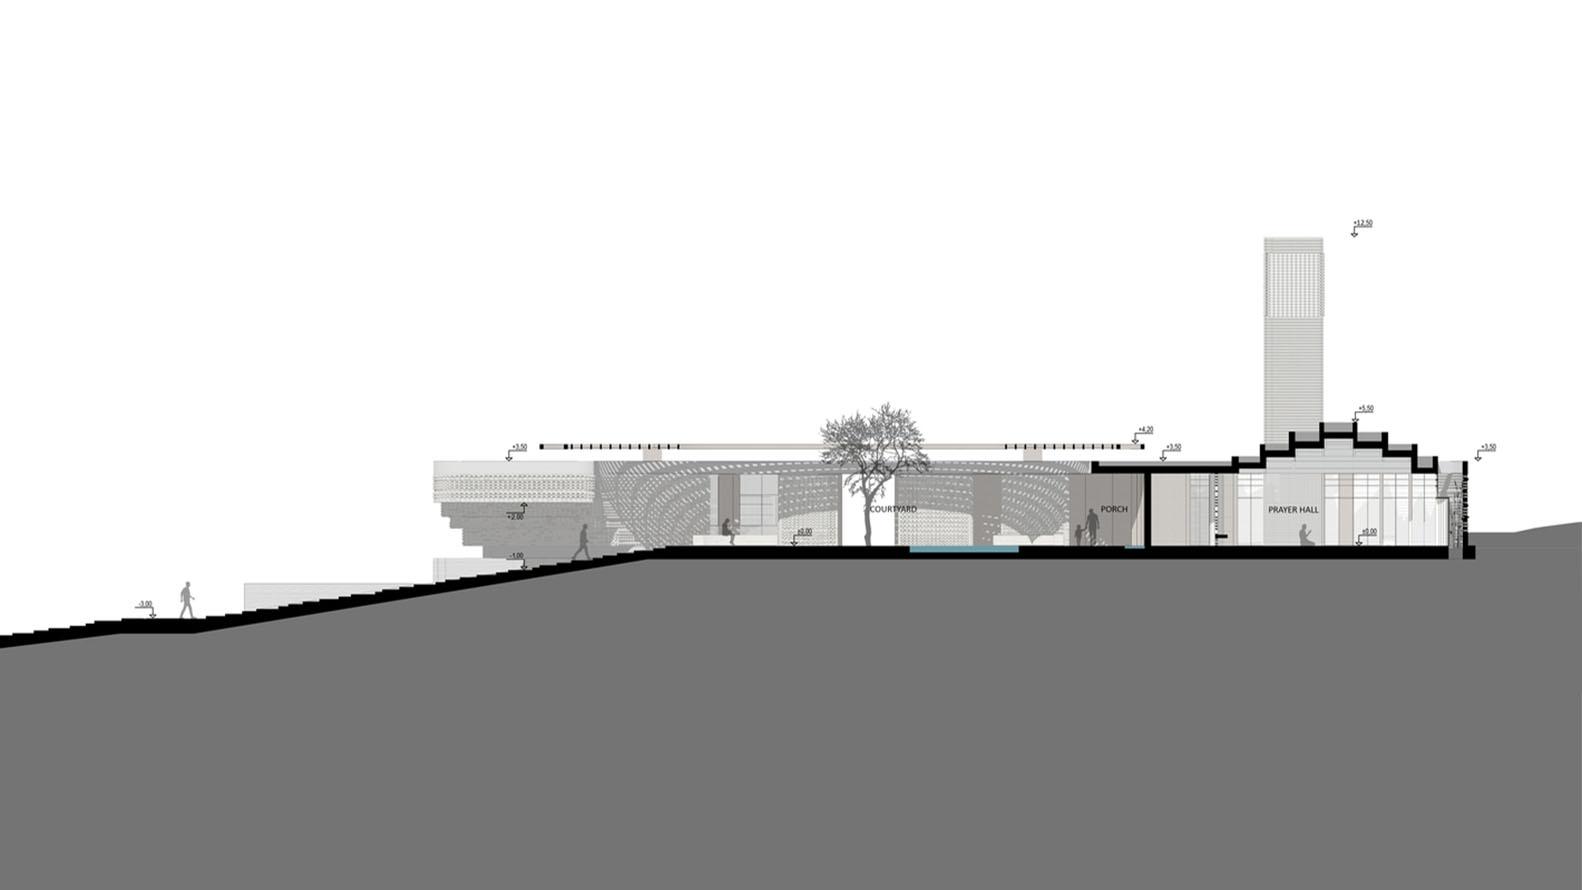 BeOffice Geleneksel Cami Mimarisini Yeniden Yorumladı 13